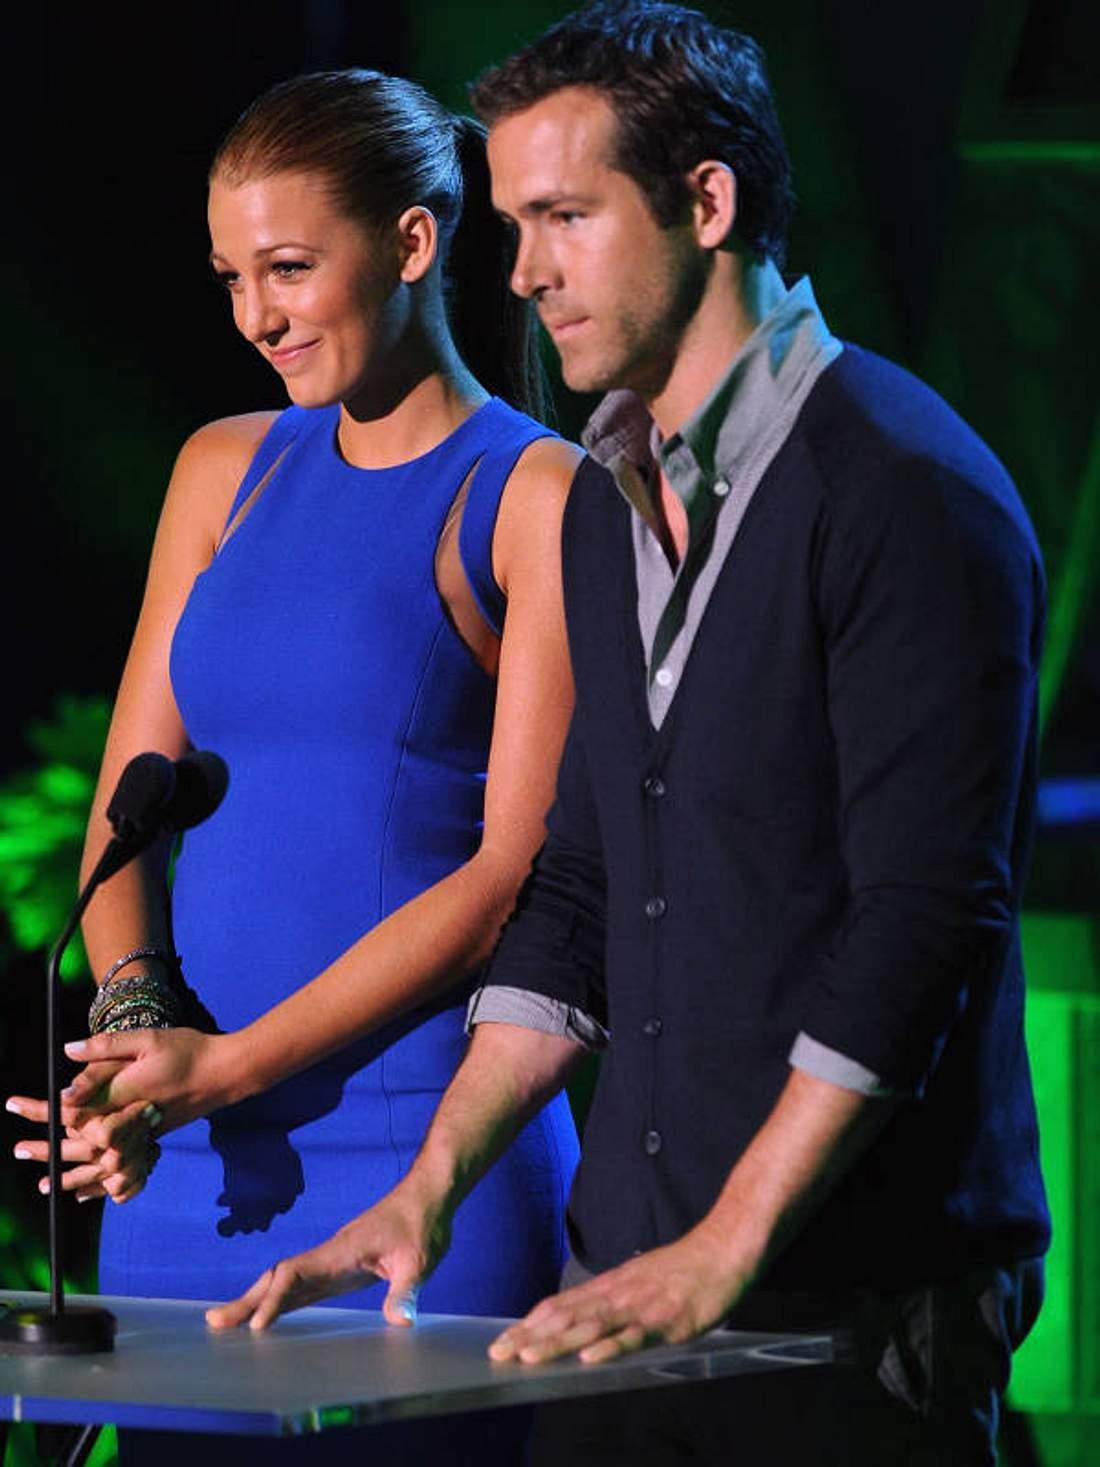 MTV Movie Awards 2011Blake Lively und Ryan Reynolds hielten zusammen eine Laudatio. Wenn Blake nicht gerade mit Leo DiCaprio was am Start hätte, würden die beiden auch ein nettes Paar abgeben.